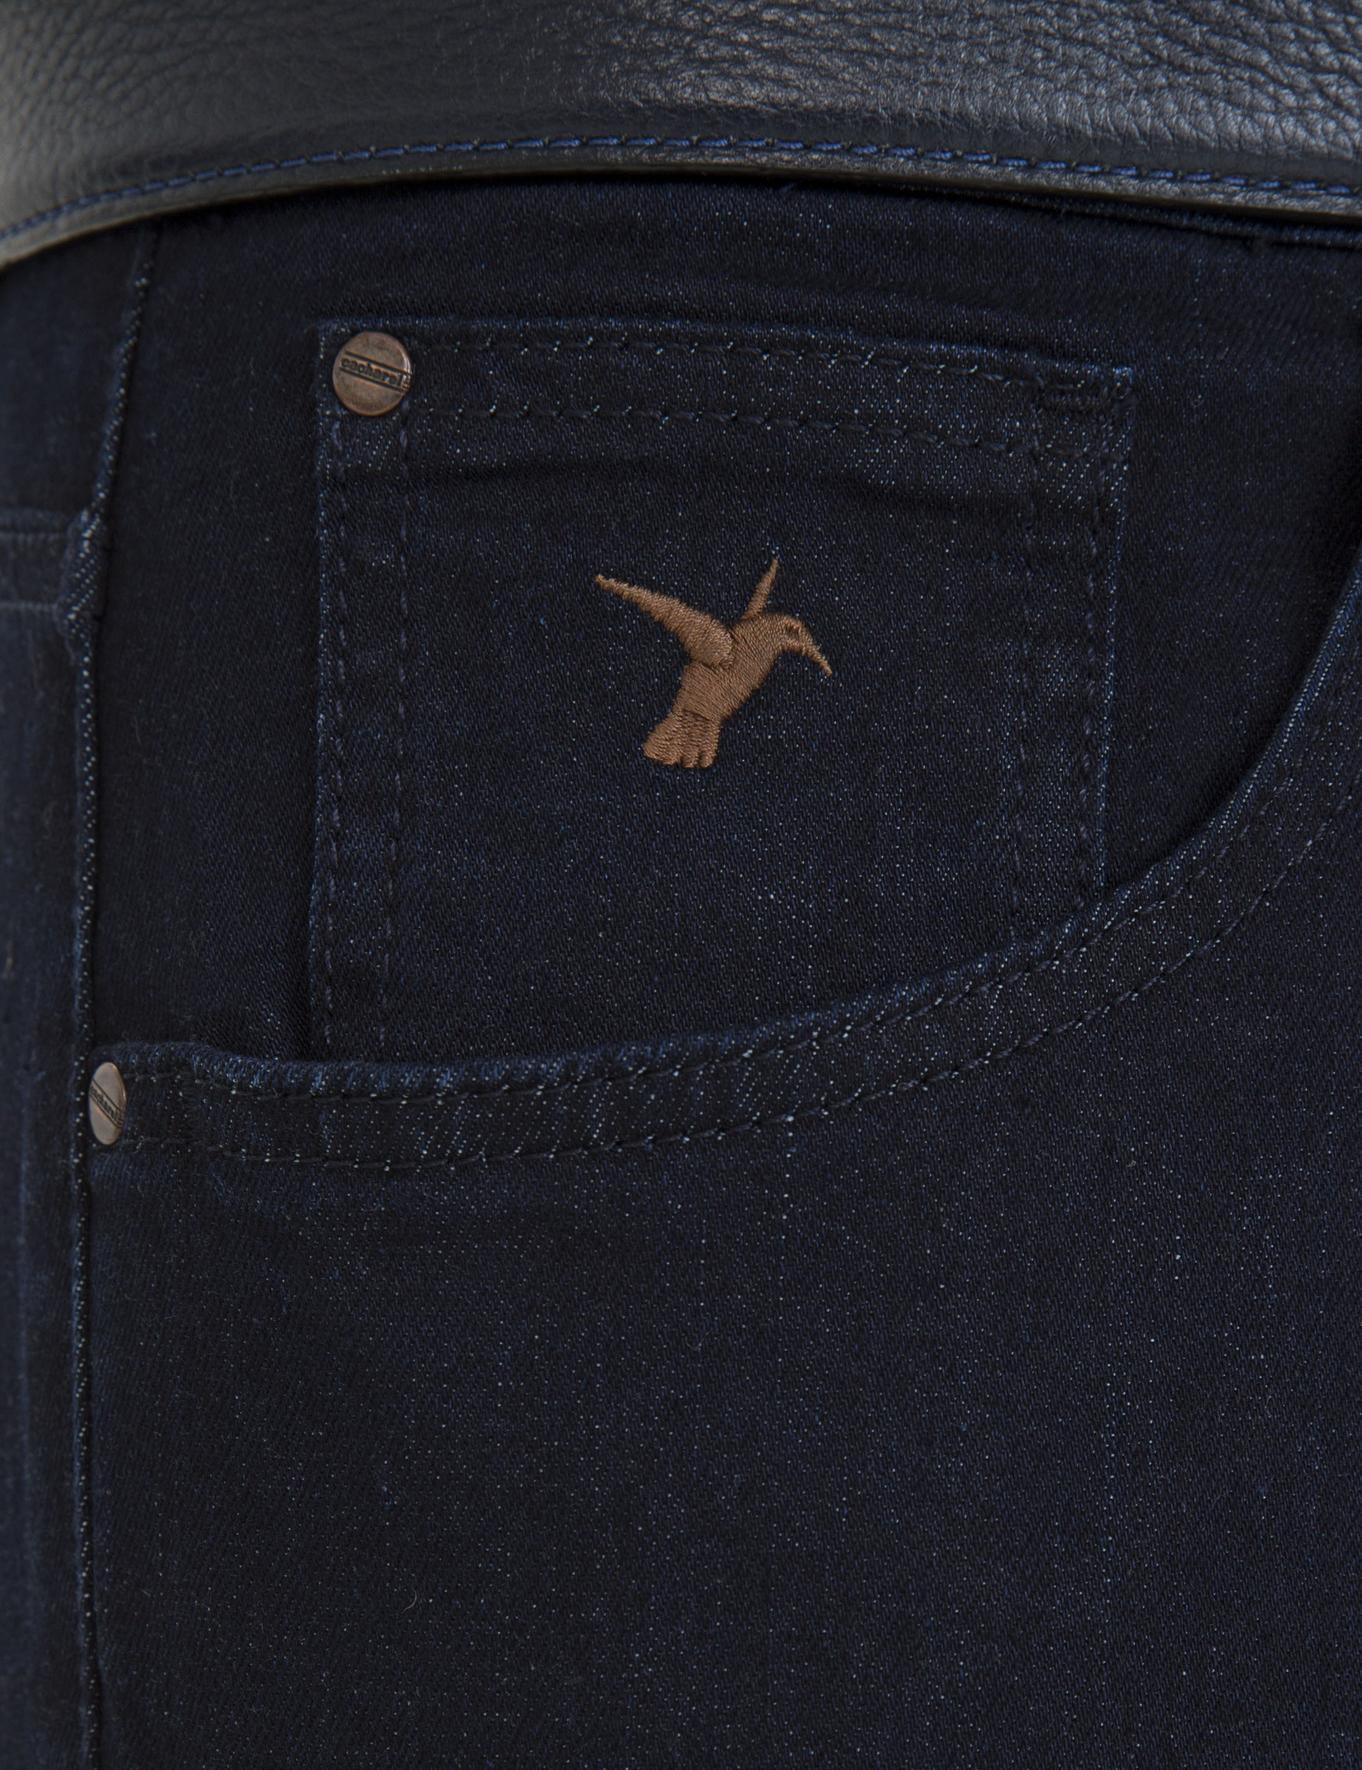 Koyu Mavi Slim Fit Denim - 50233811017